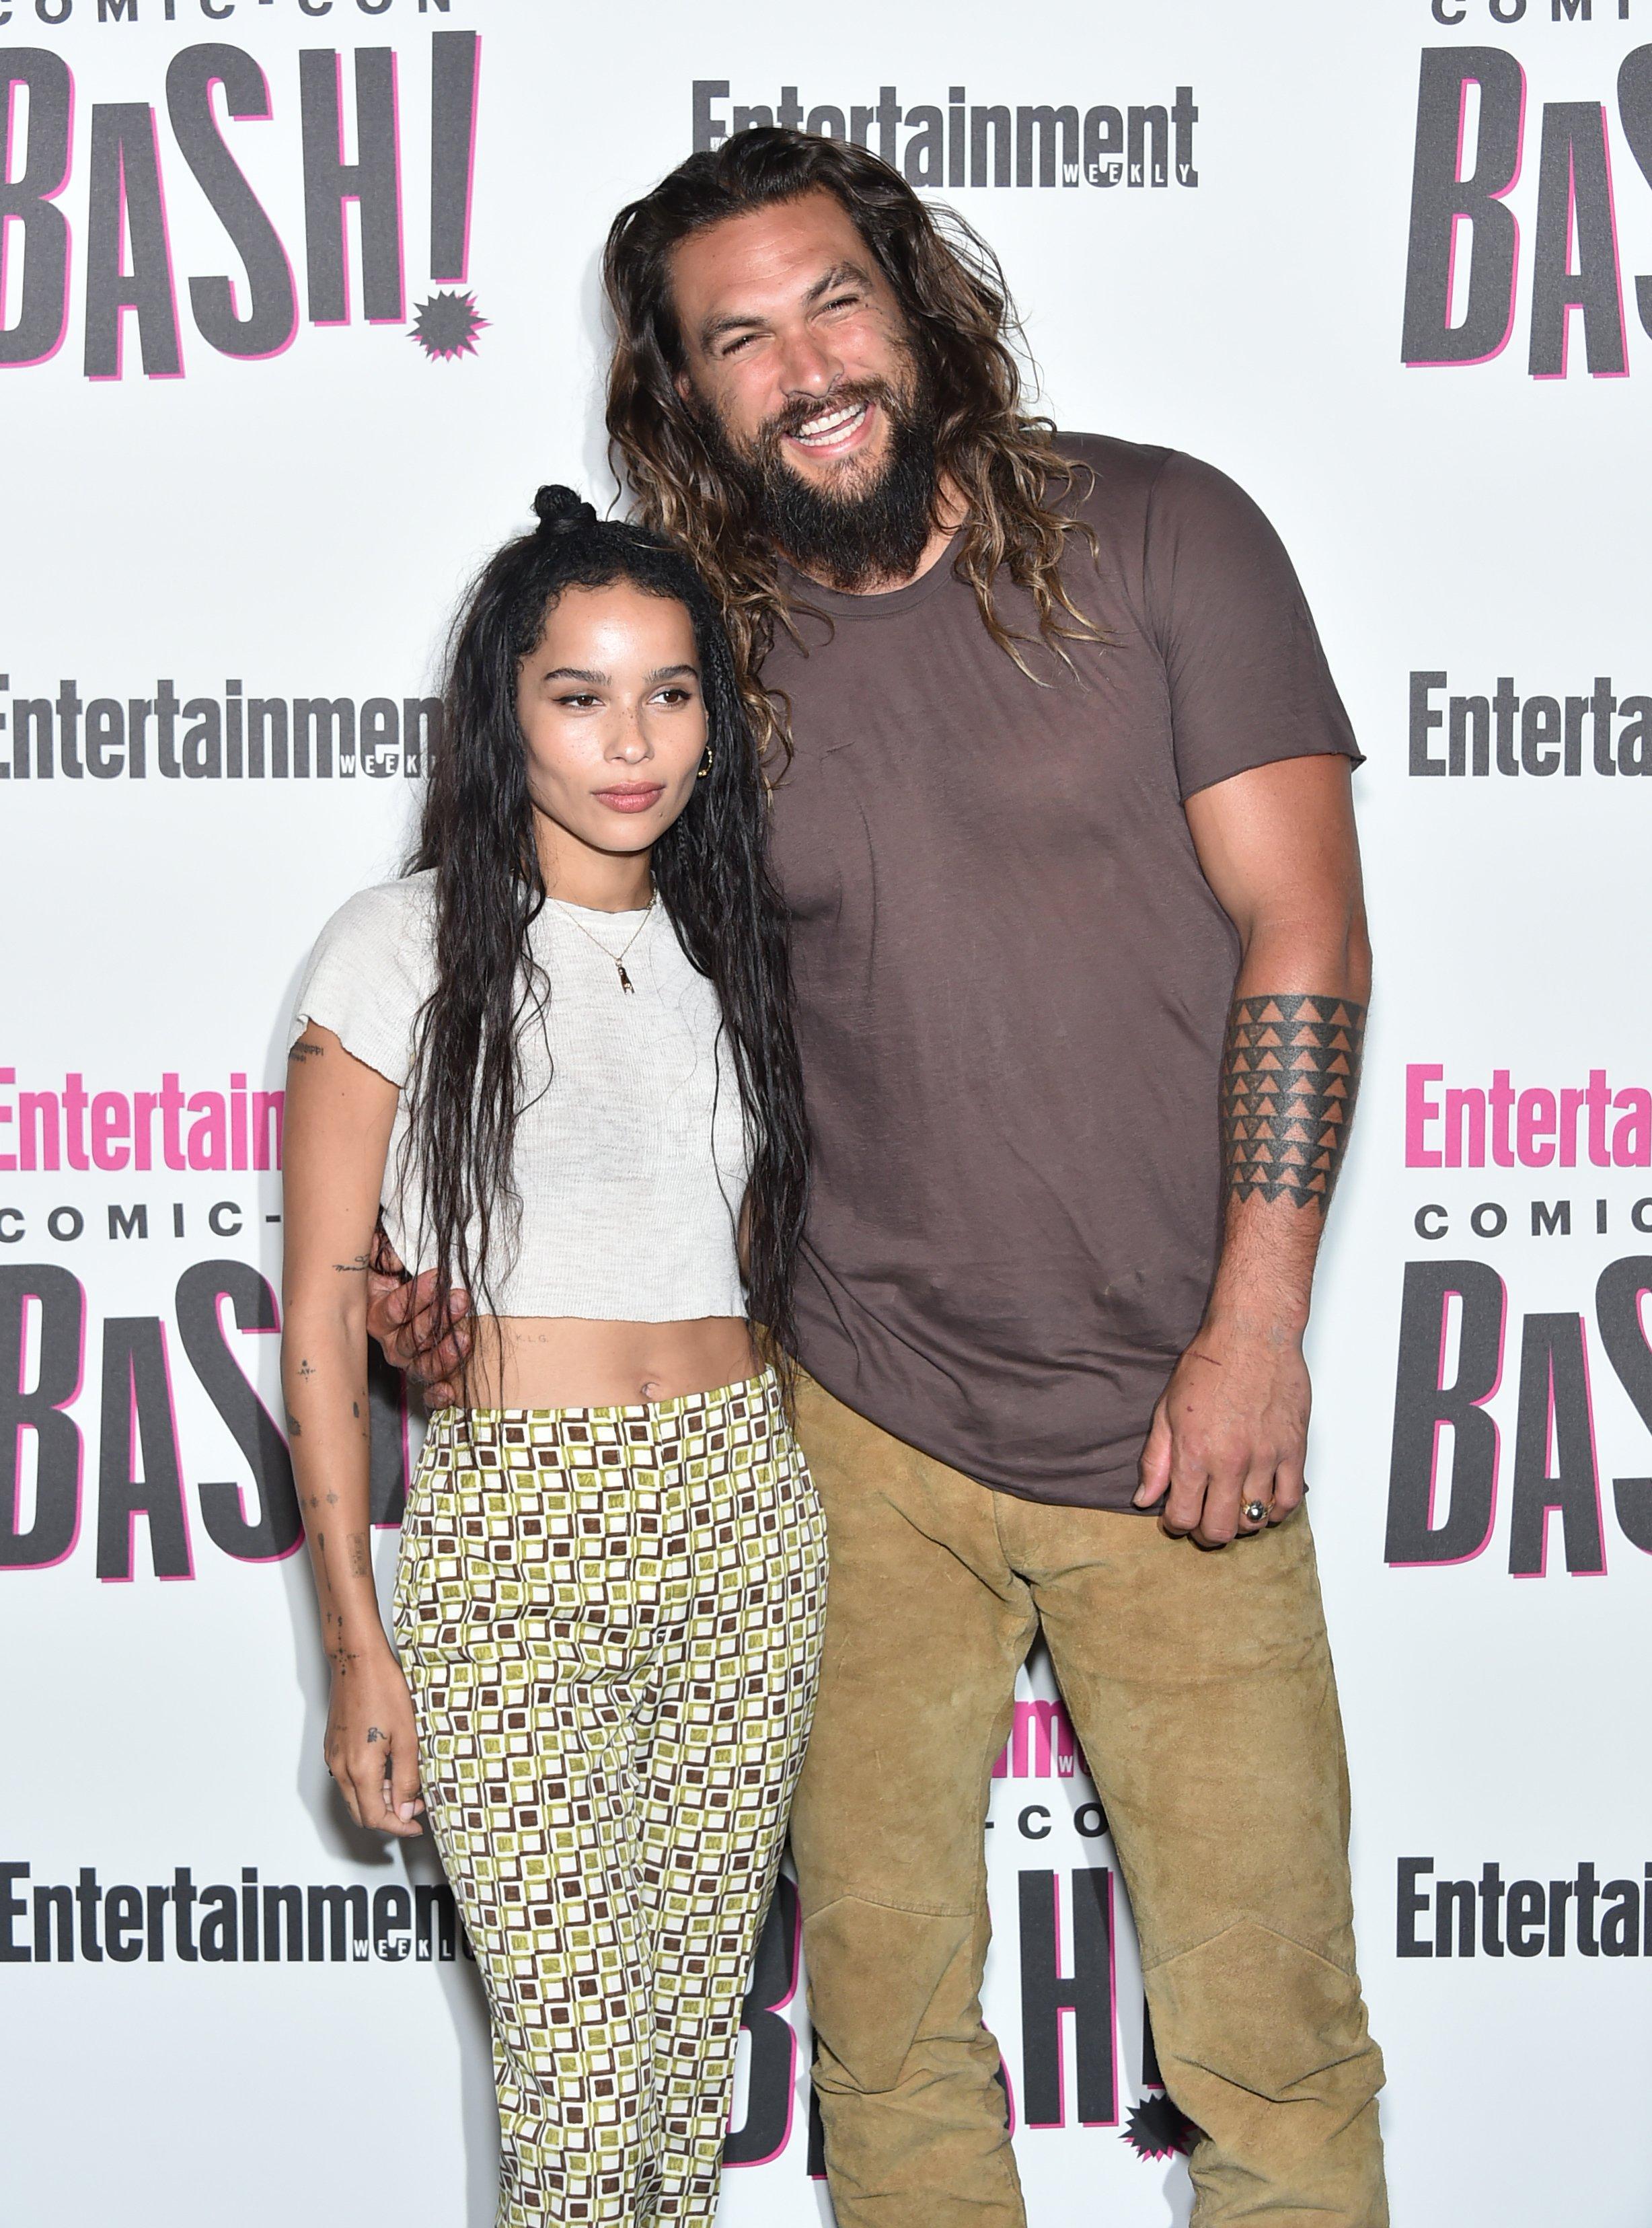 Zoe Kravitz On Jason Momoa: Lisa Bonet's Husband Jason Momoa Is The Proudest Stepdad